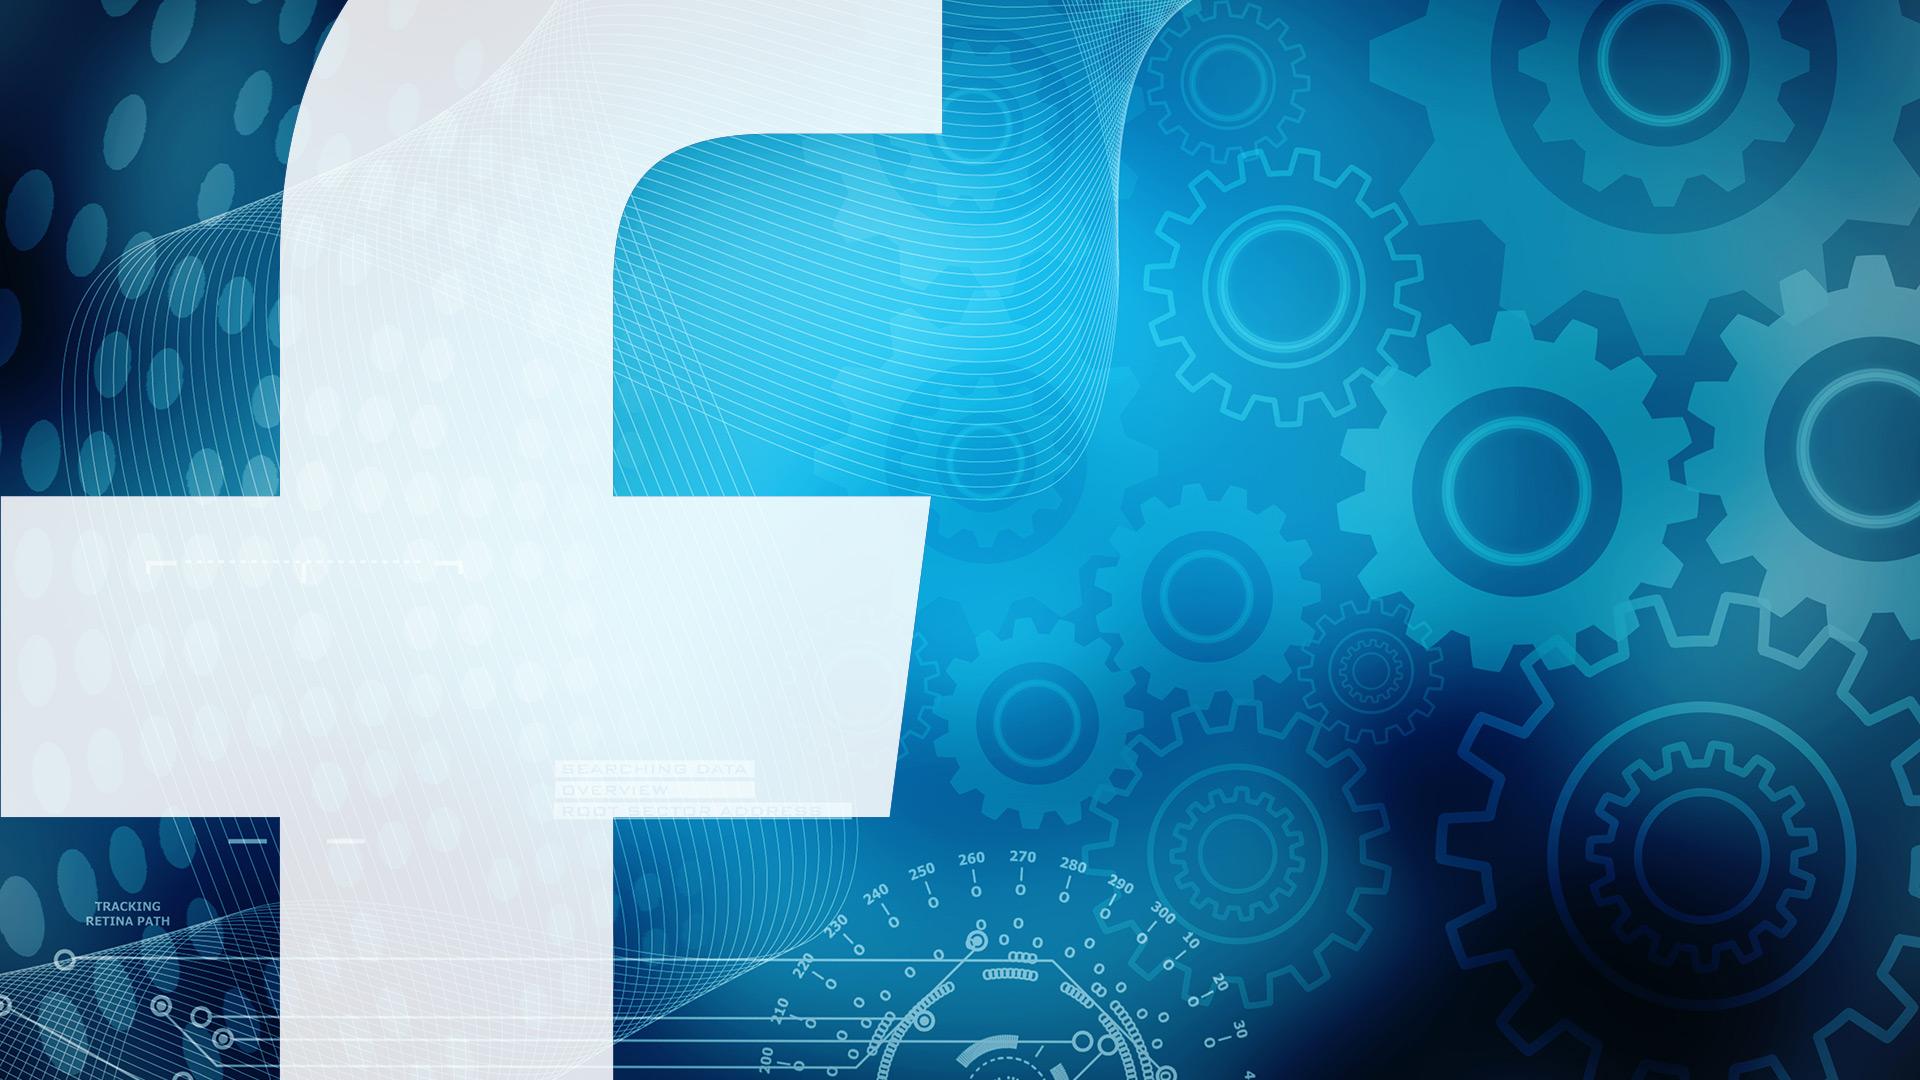 facebook-tech-gears-data2-ss-1920